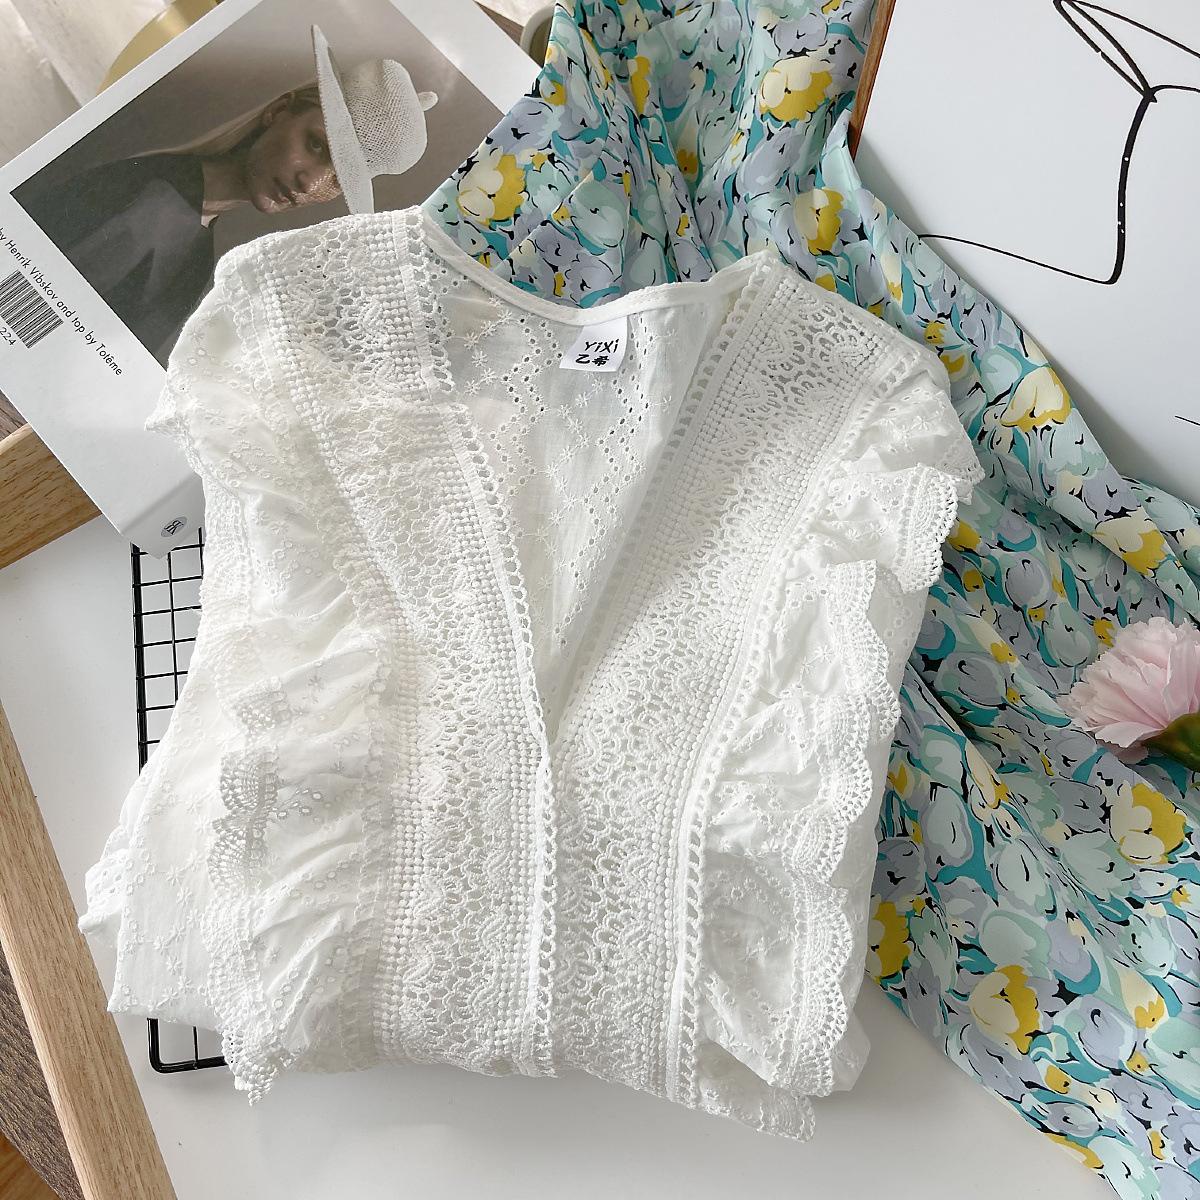 法式温柔风荷叶边镂空短袖蕾丝衫女2021夏装新款韩版小个子衬衫潮